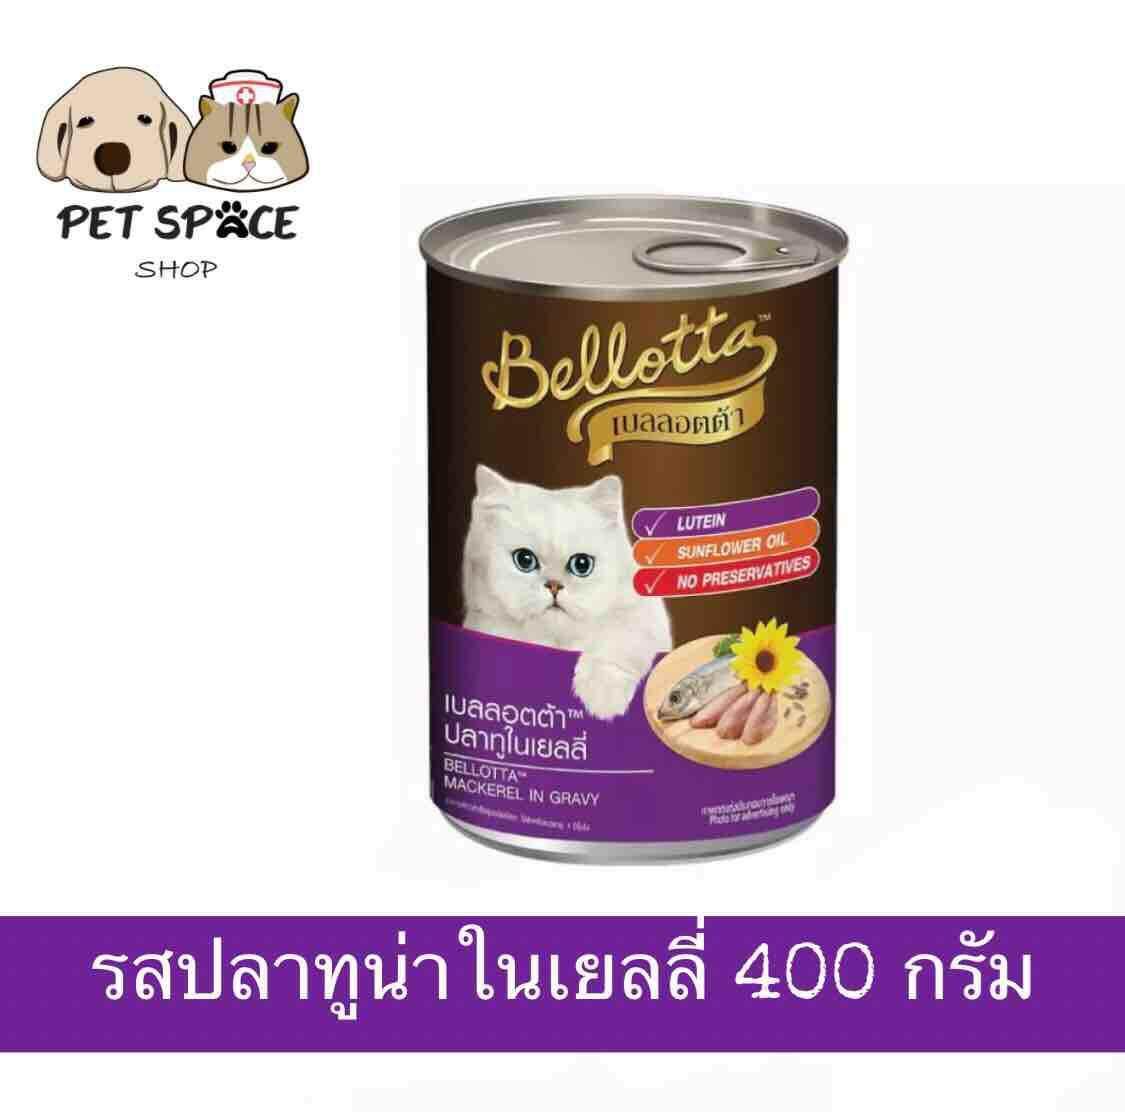 Bellotta เบลลอตต้าอาหารแมวกระป๋อง 400 กรัม (ปลาทูน่าในเยลลี่) By Petspace.